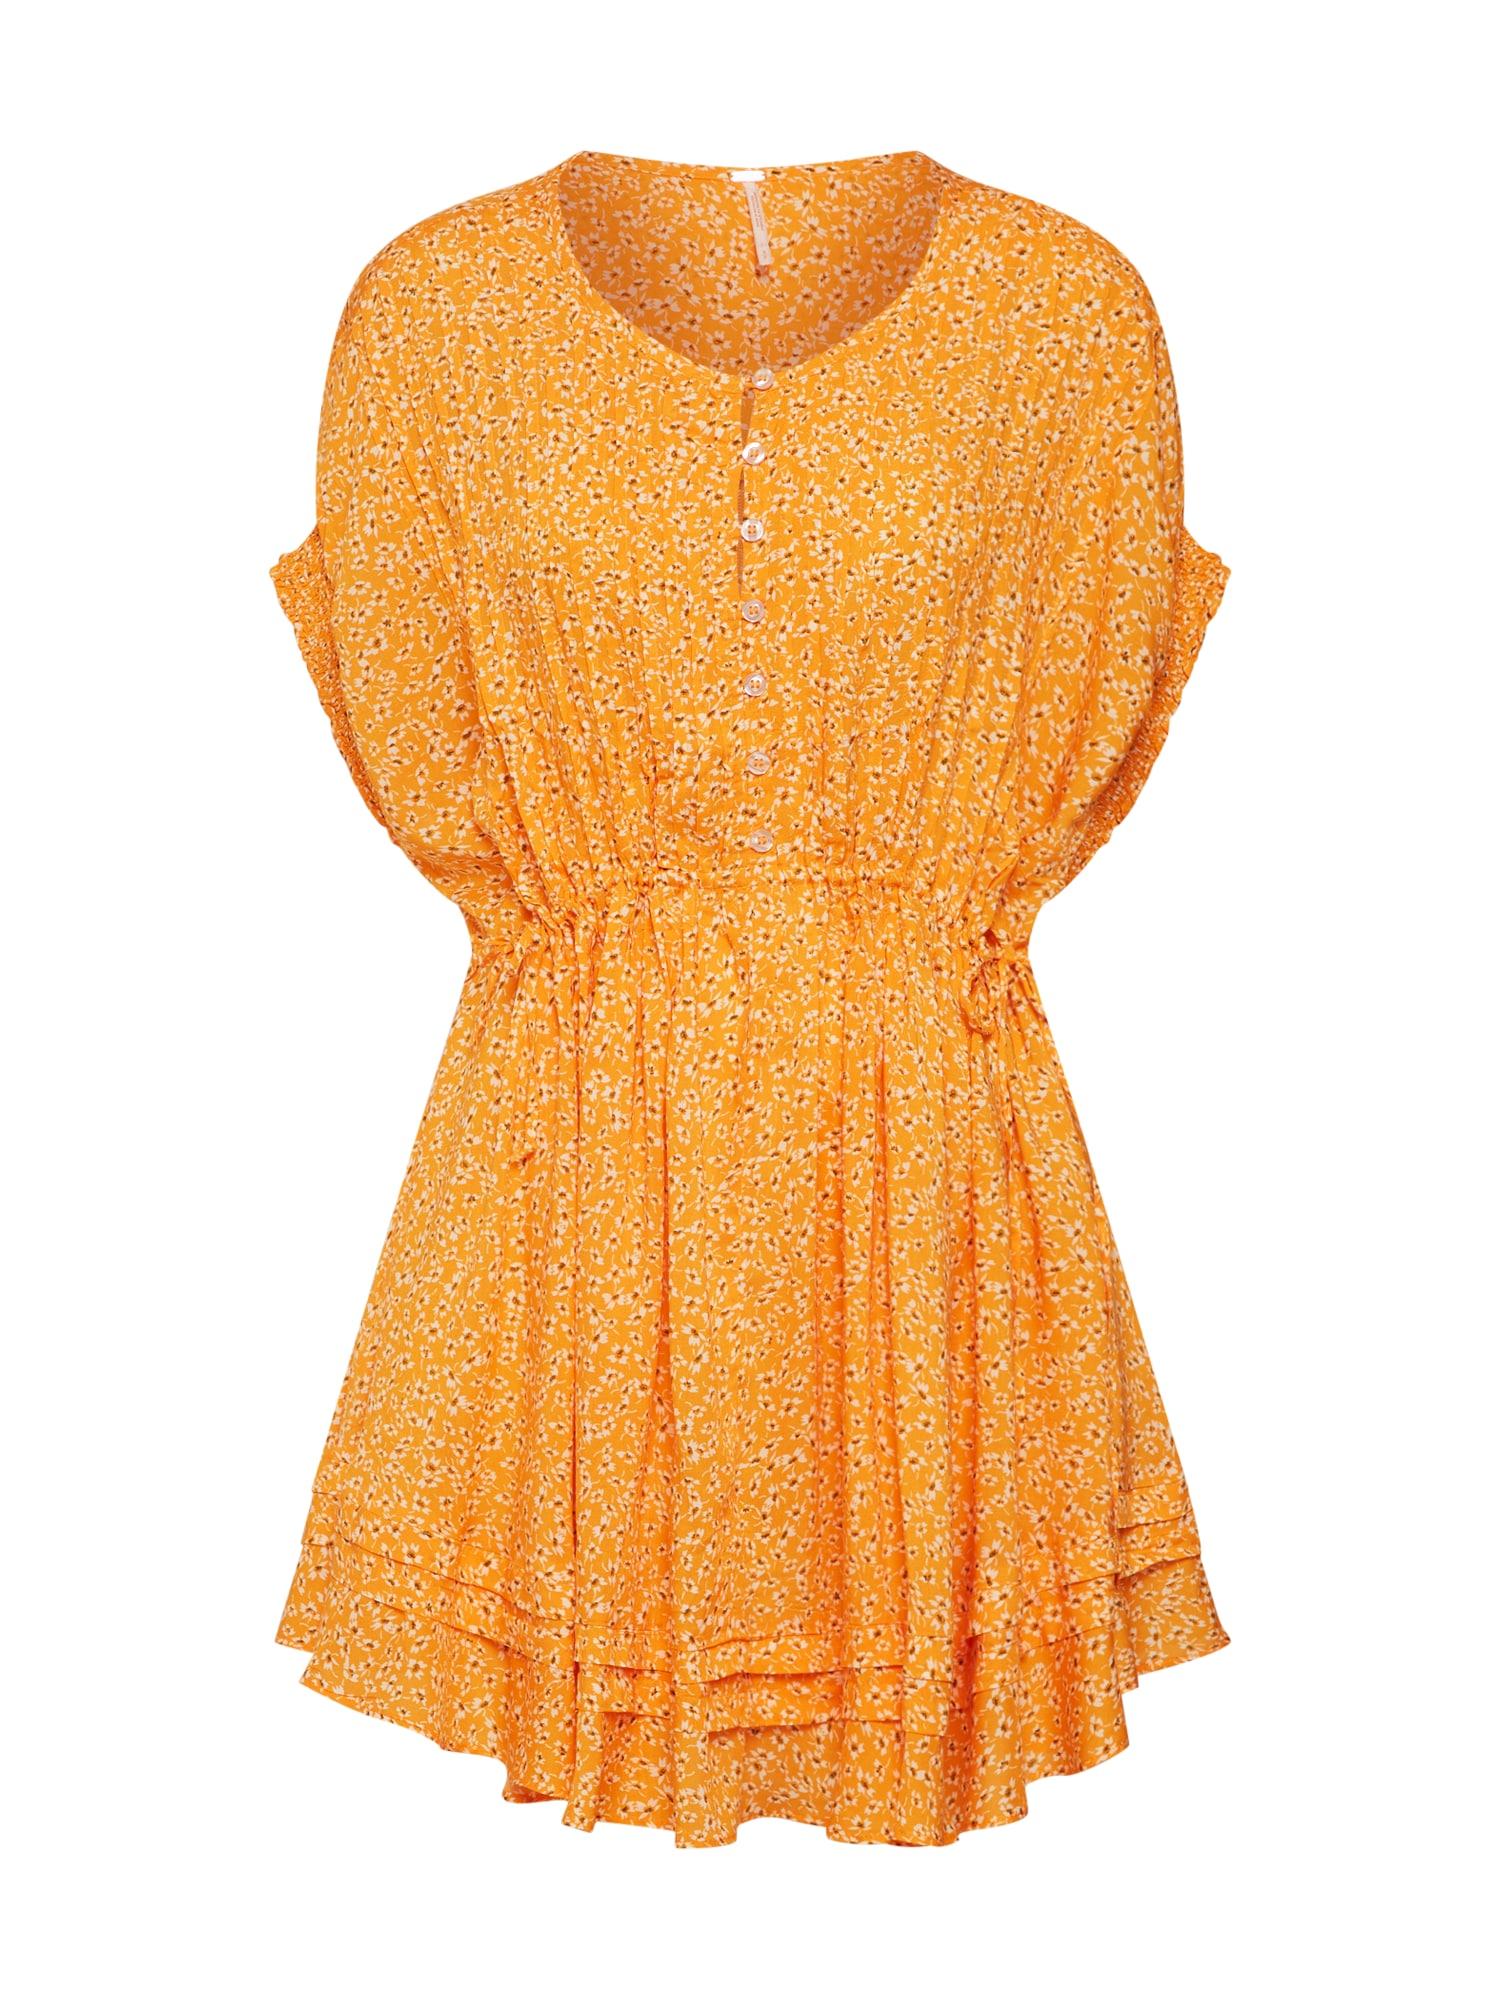 Košilové šaty One Fine Day Mini zlatě žlutá Free People